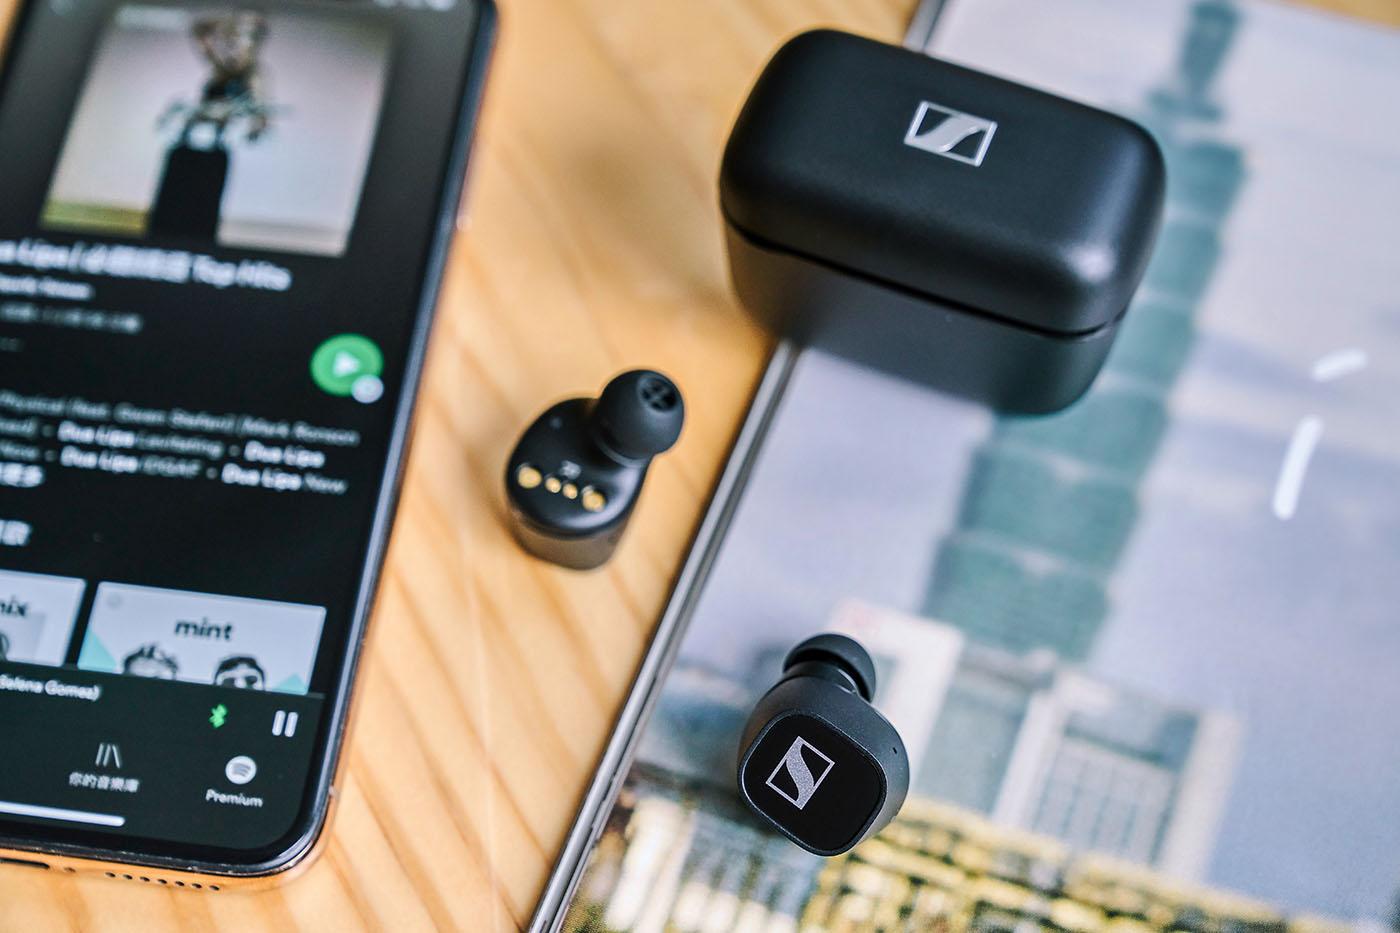 評測以優先上市的黑色機型為主,可以看到CX 400BT 無論耳機本體或是充電盒,在造型上彼此呼應,同樣都以前述方形帶圓弧修邊設計,且外殼塗裝都以啞黑磨砂紋路為主,再搭配鮮明的銀色商標圖案,使得產品觀感更具時尚與高雅風格。